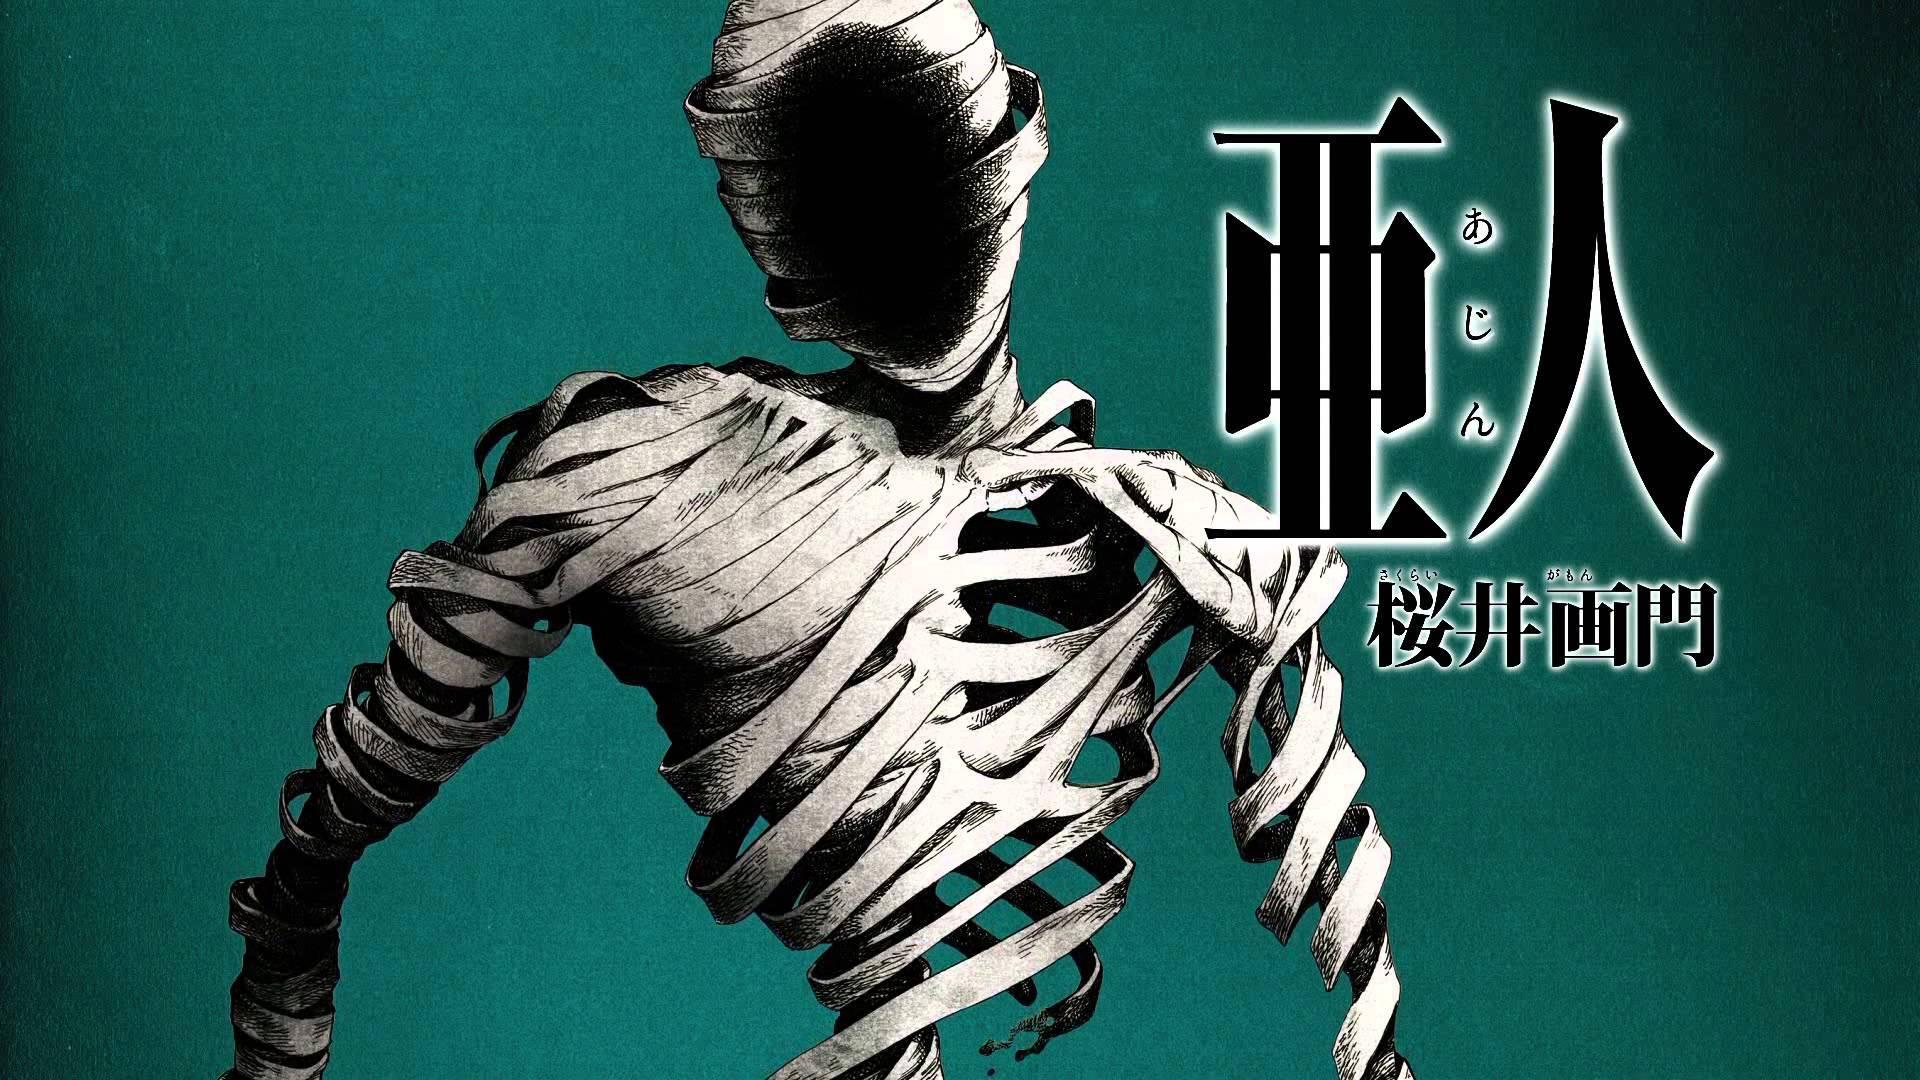 【映画】「亜人」で佐藤健と本広監督のタッグで実写化!このタッグの興行収入が530億とかすごいwww